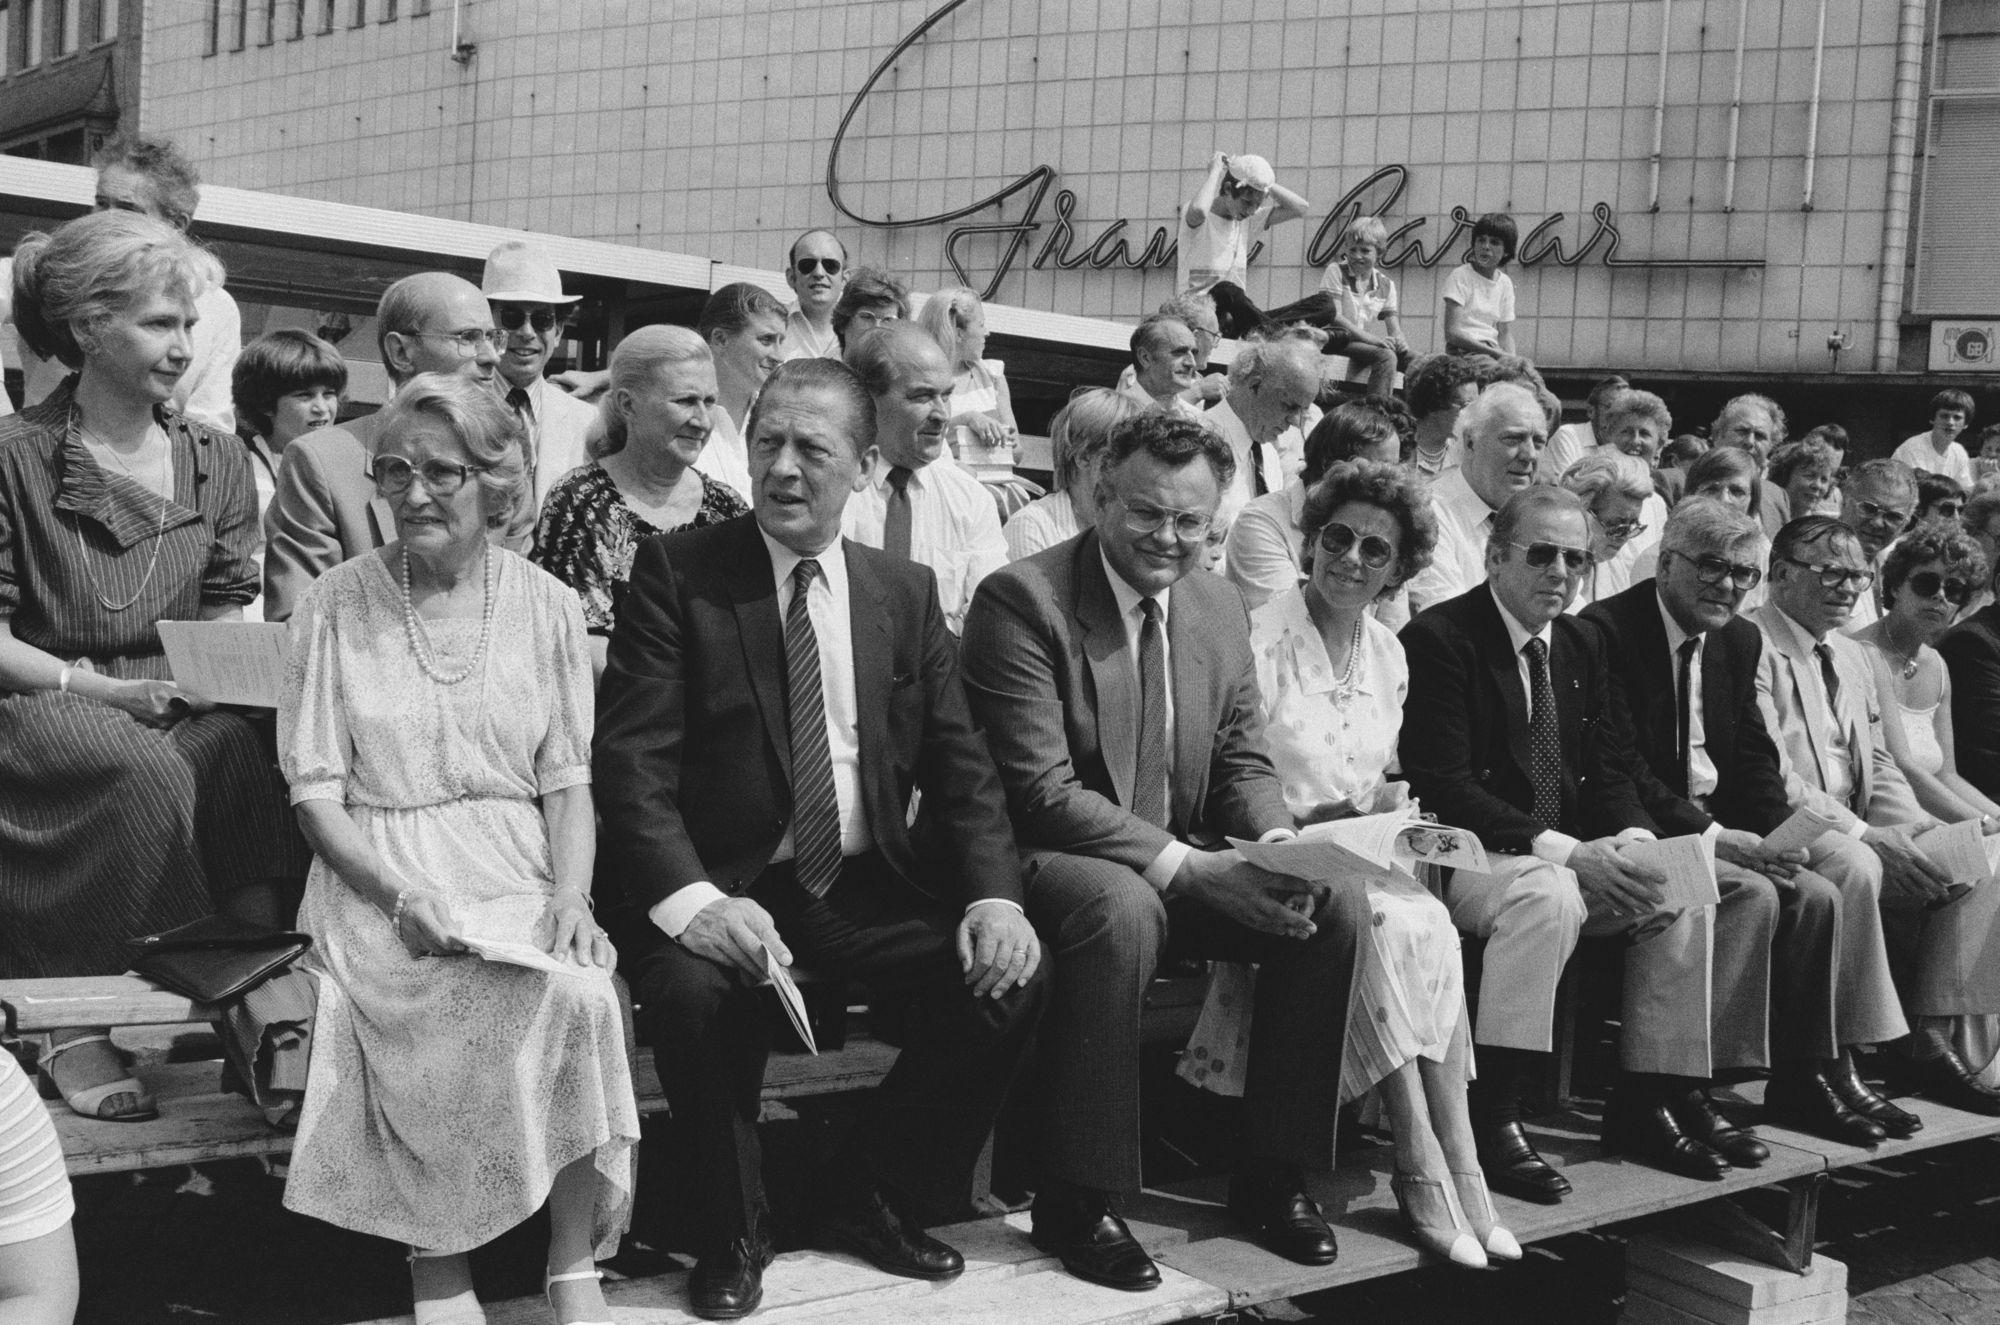 Toeschouwers bij de historische optocht tijdens de 11 juliviering 1982